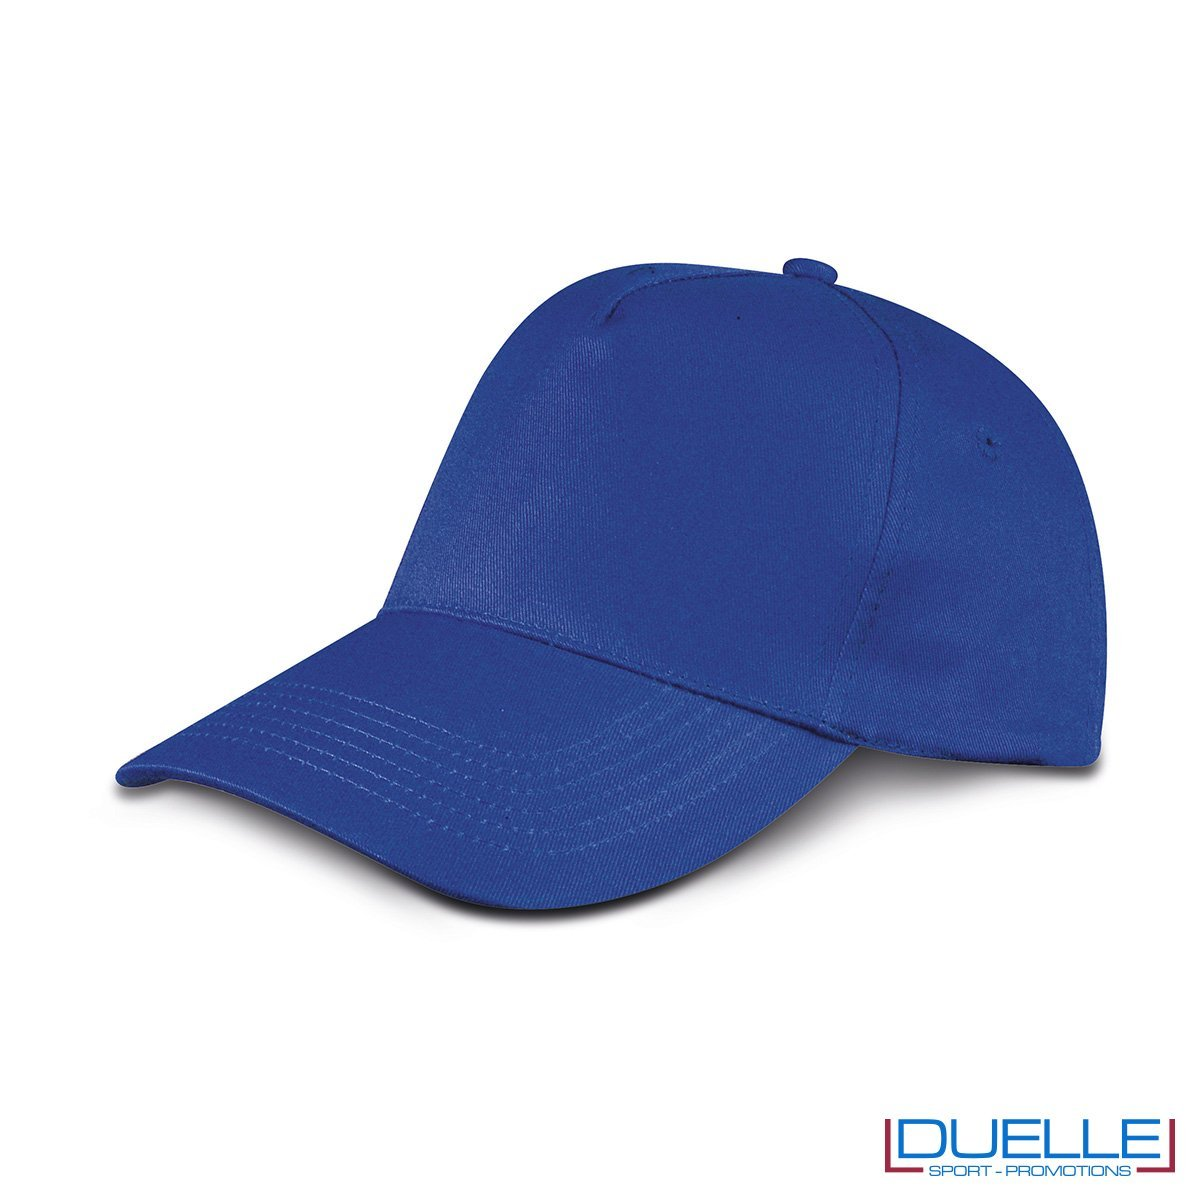 cappellino personalizzato golf a 5 pannelli colore blu royal